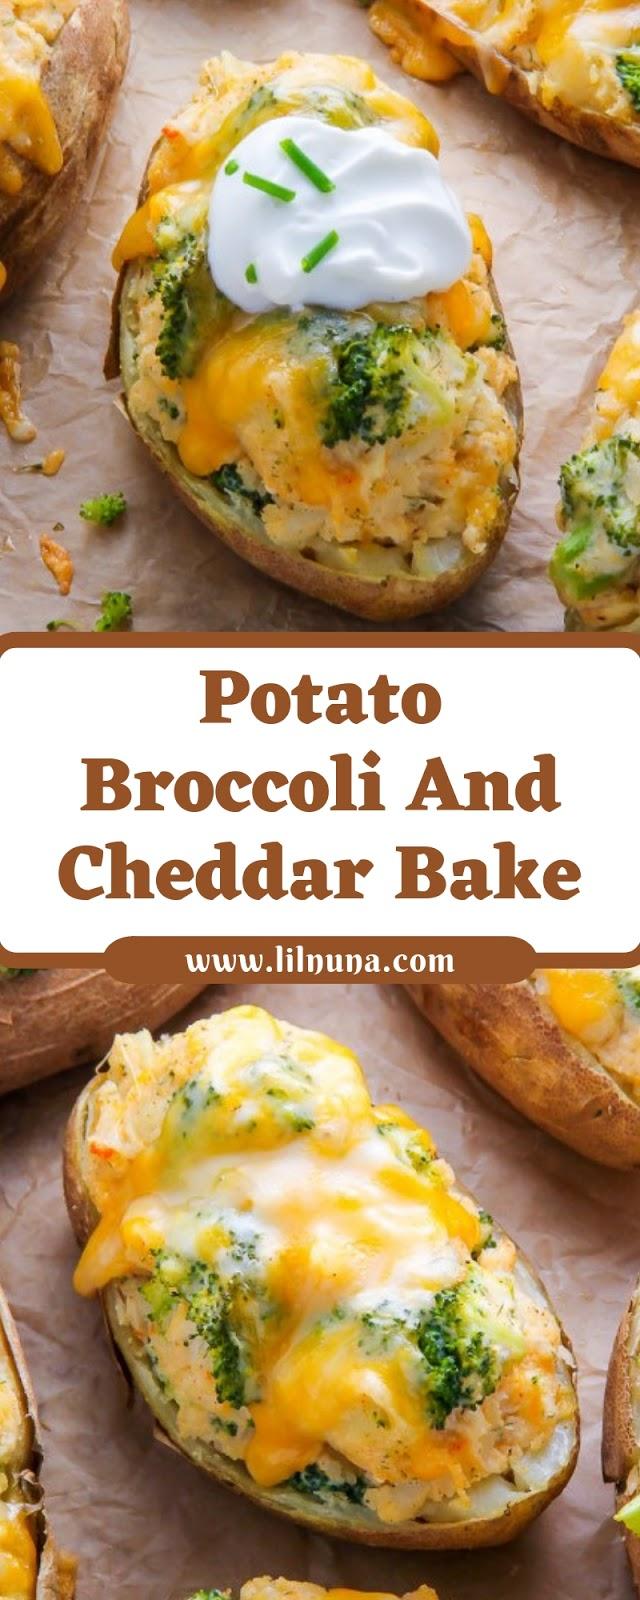 Potato Broccoli And Cheddar Bake